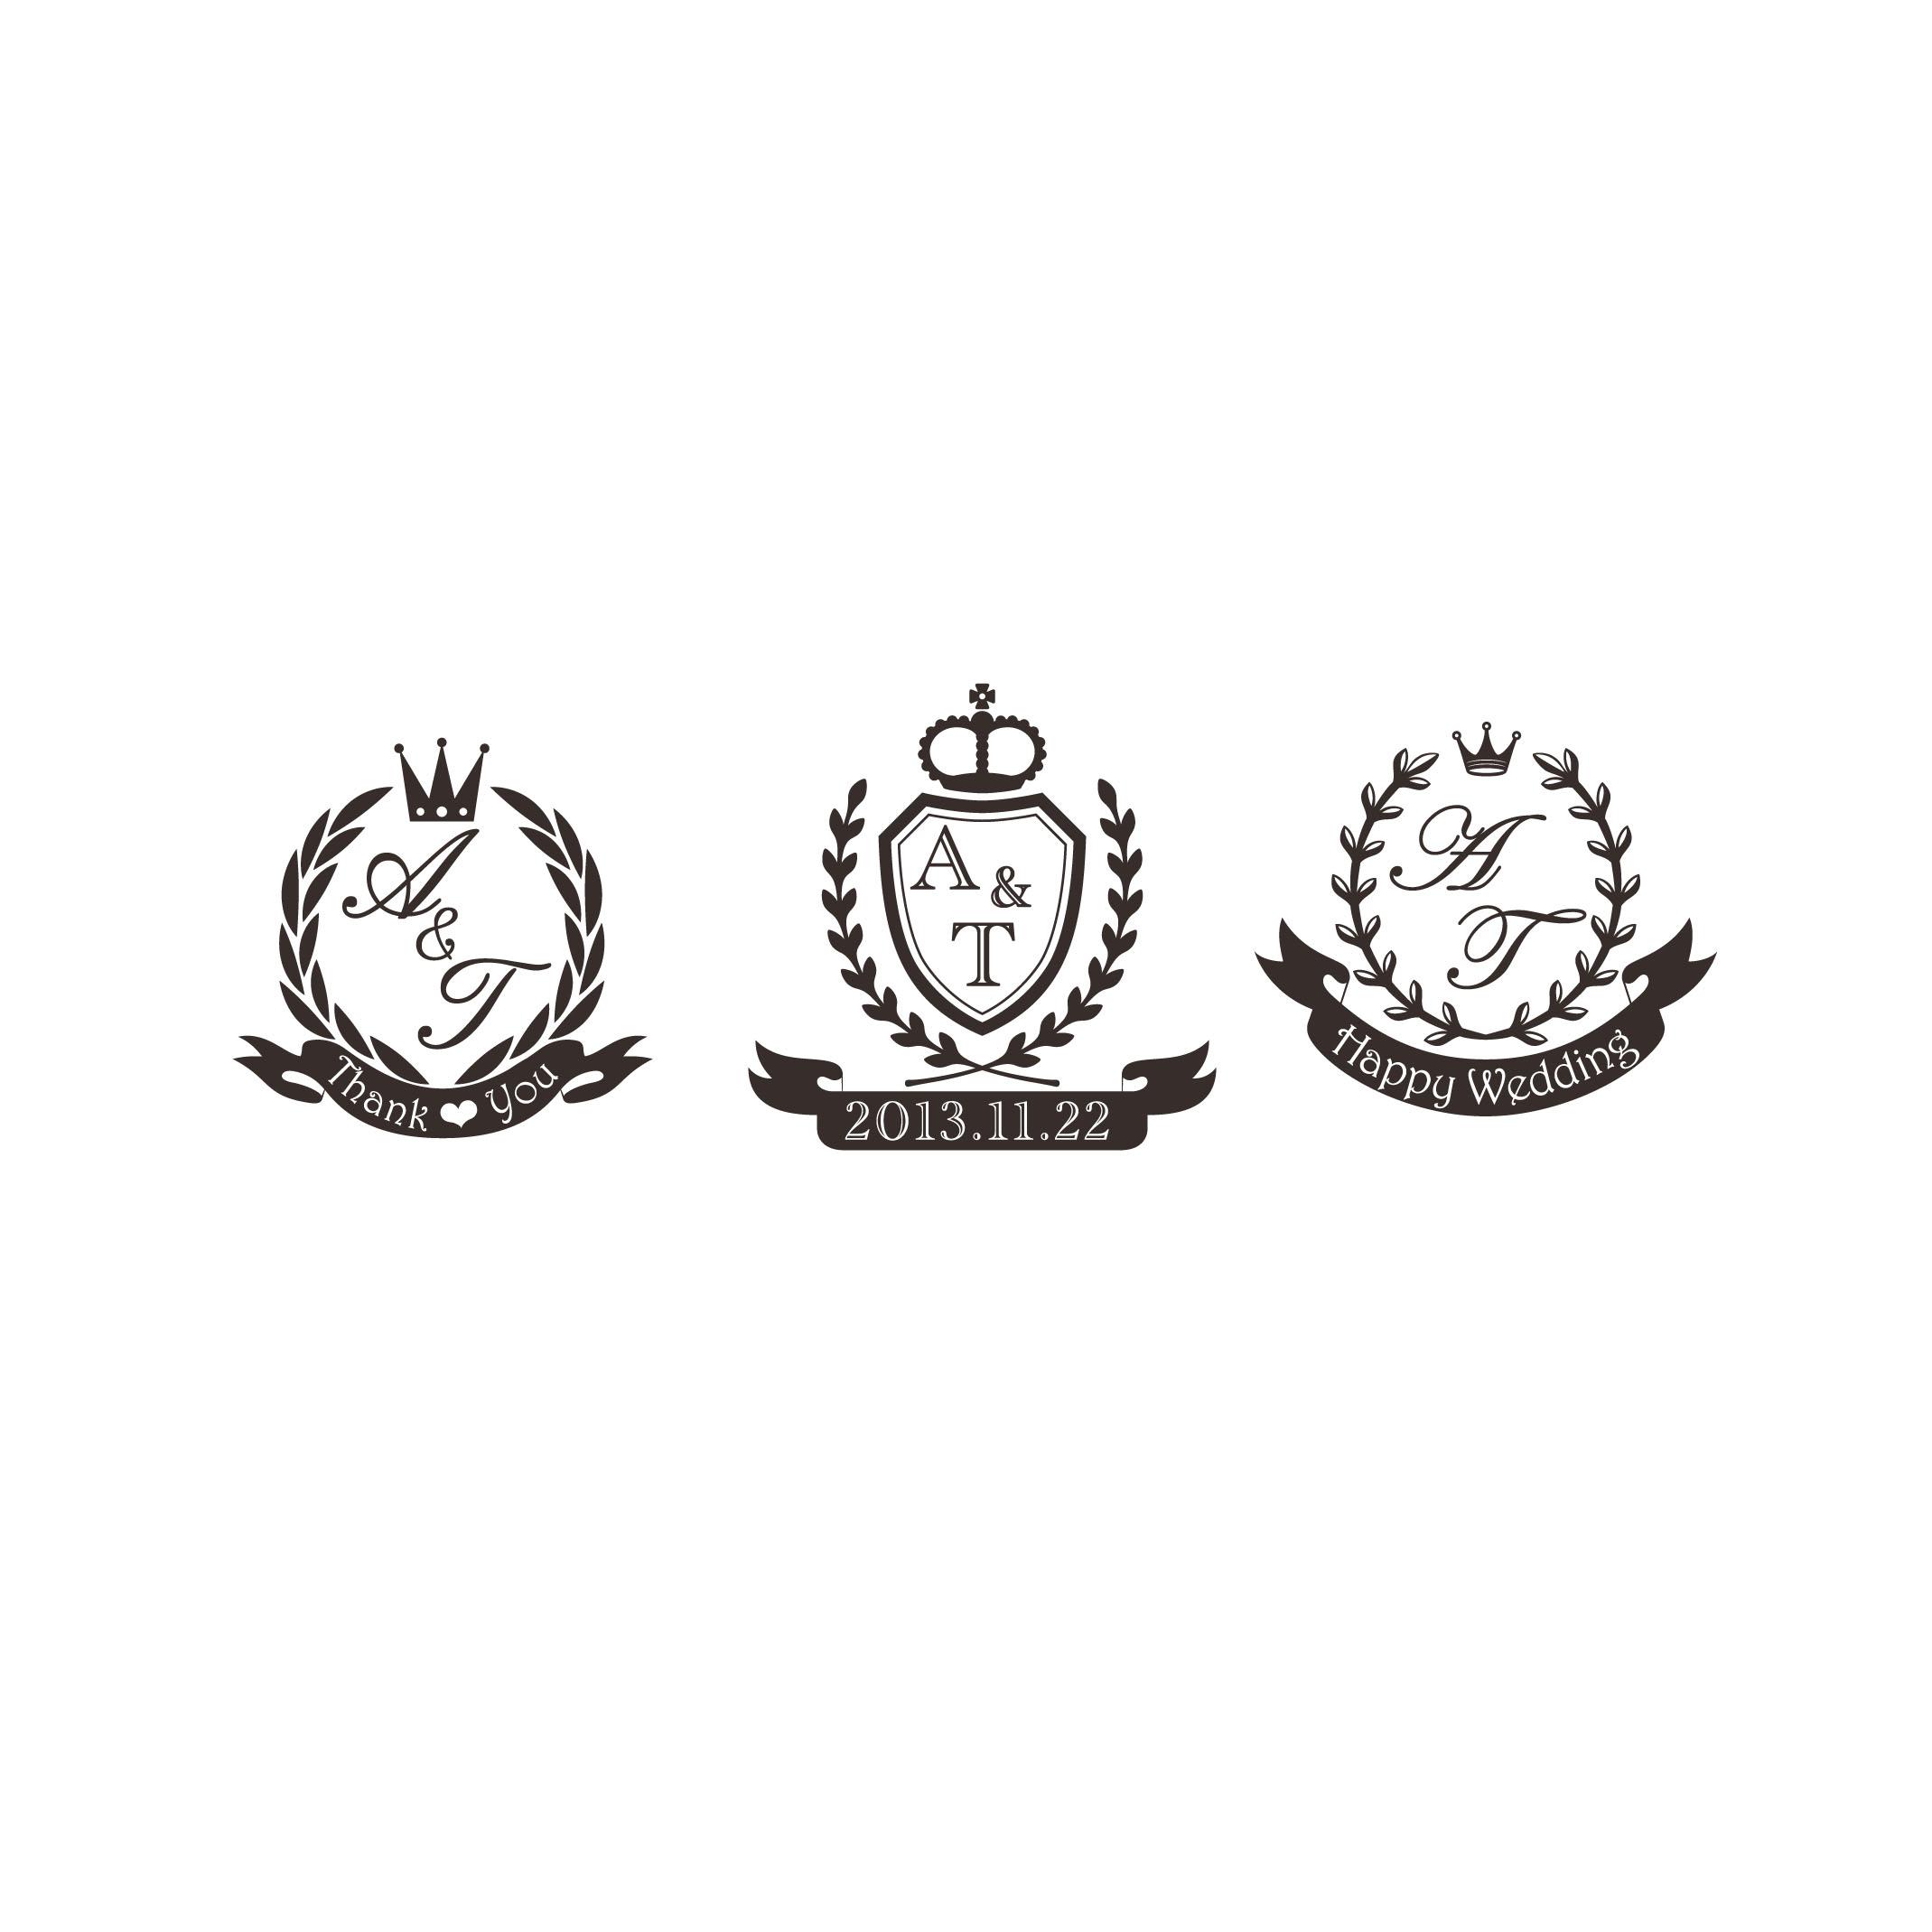 結婚式★イニシャルロゴ作成します!